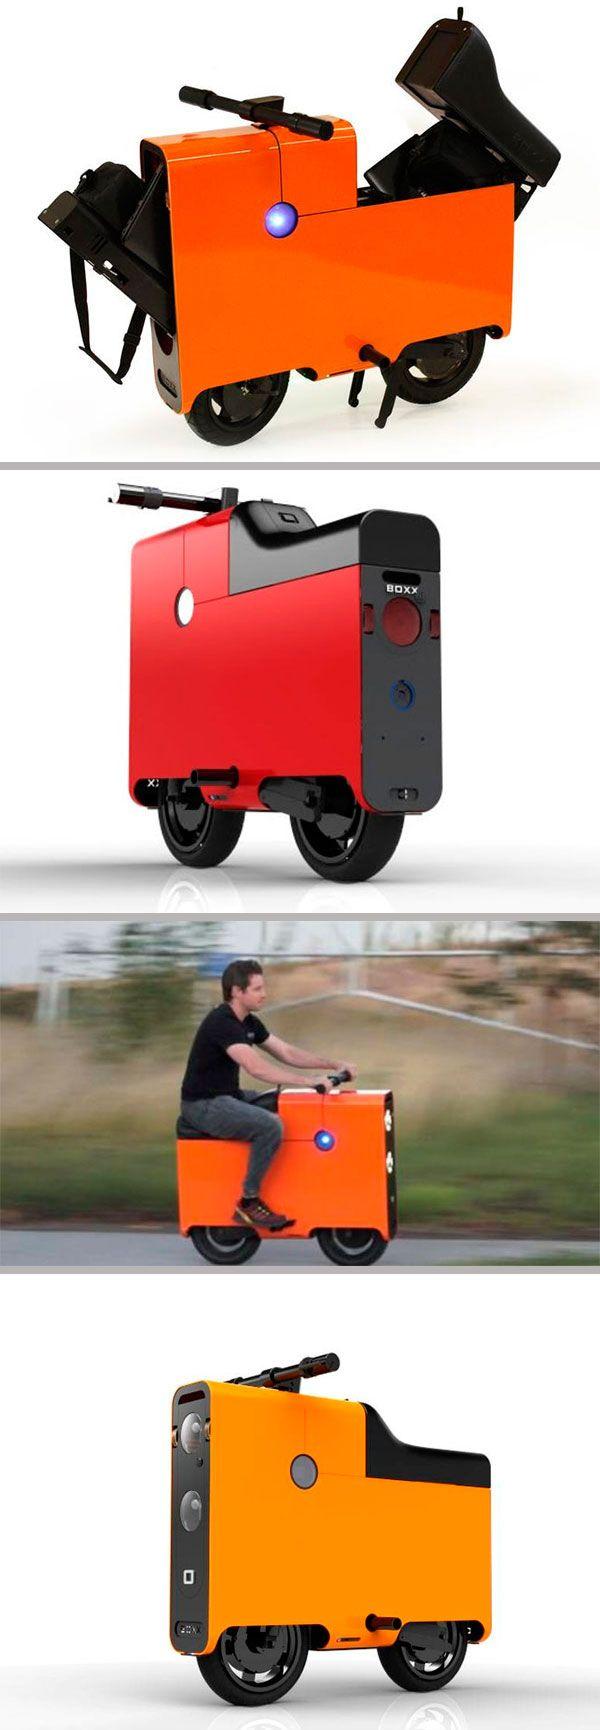 Оригинальный электрический скутер #Boxx дошел до массового производства